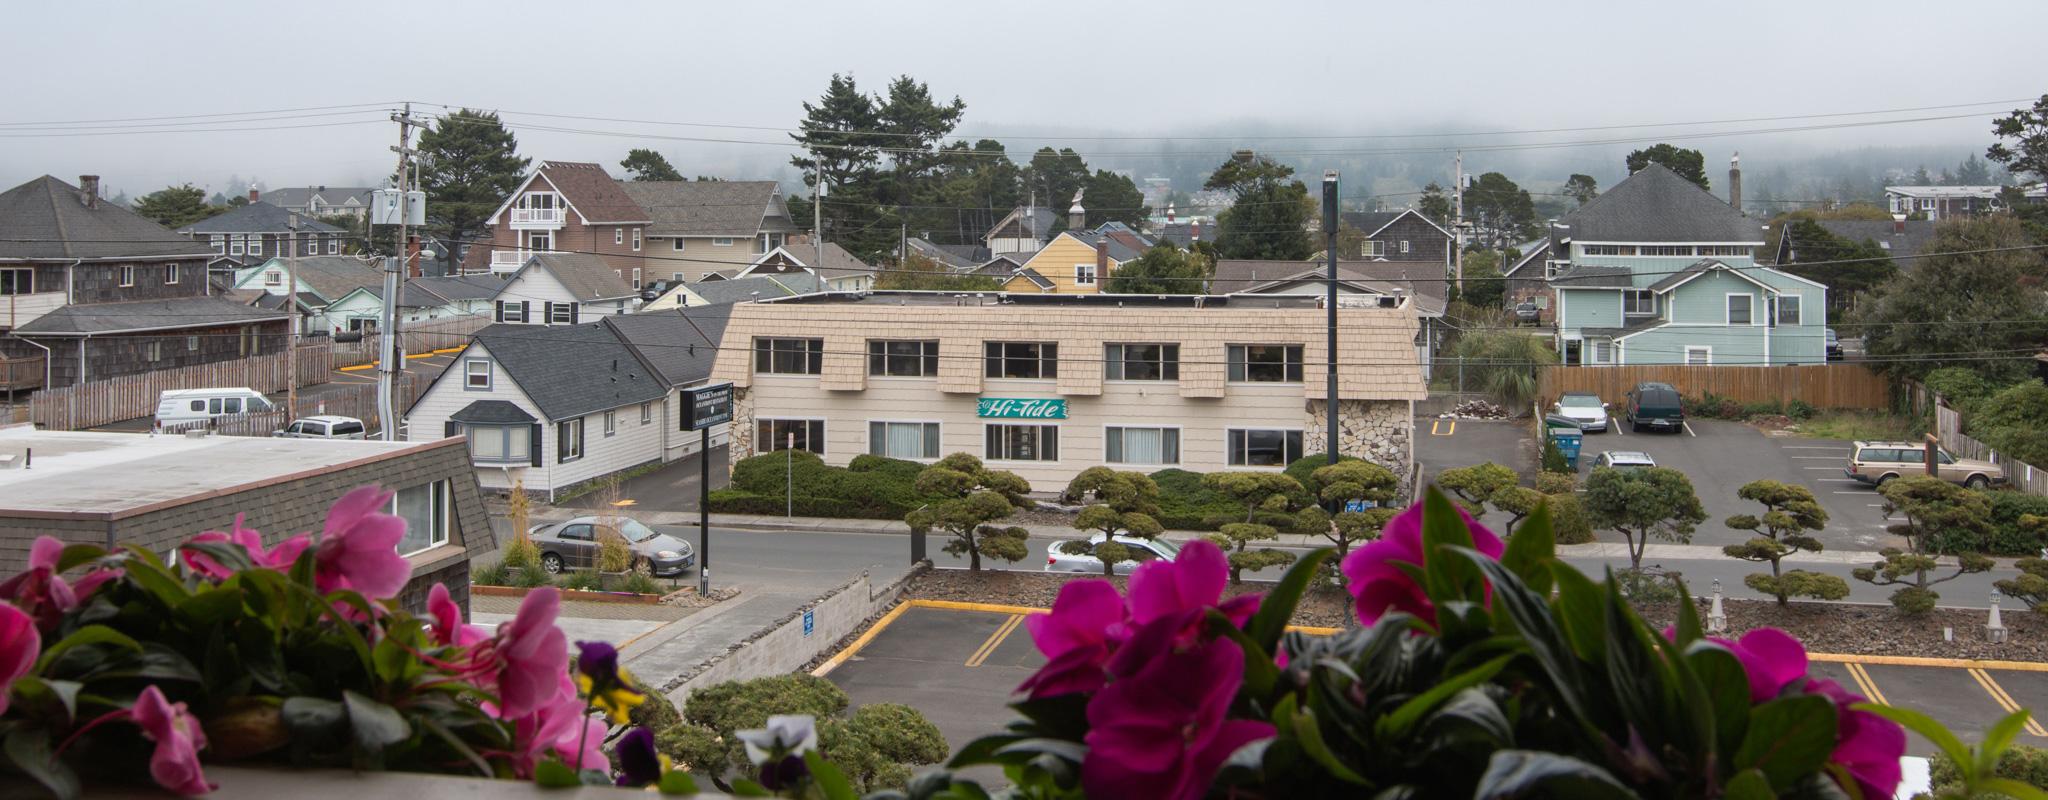 banner-Hi-Tide-Seaside-Hotel-Exterior-8